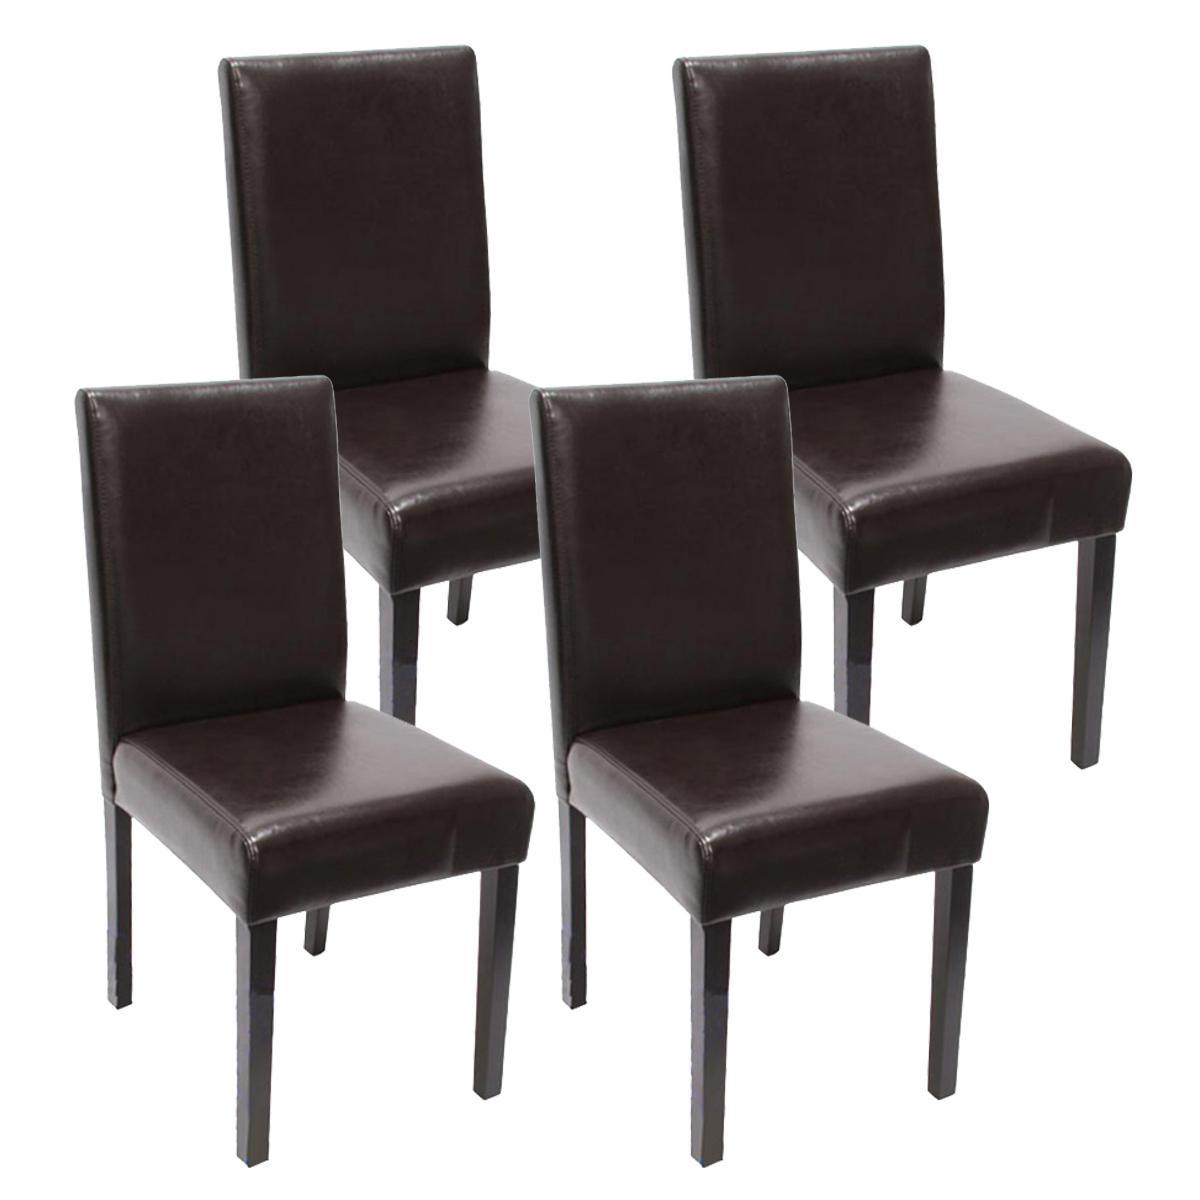 Lote 4 sillas de comedor litau piel genuina precioso for Sillas de piel para comedor